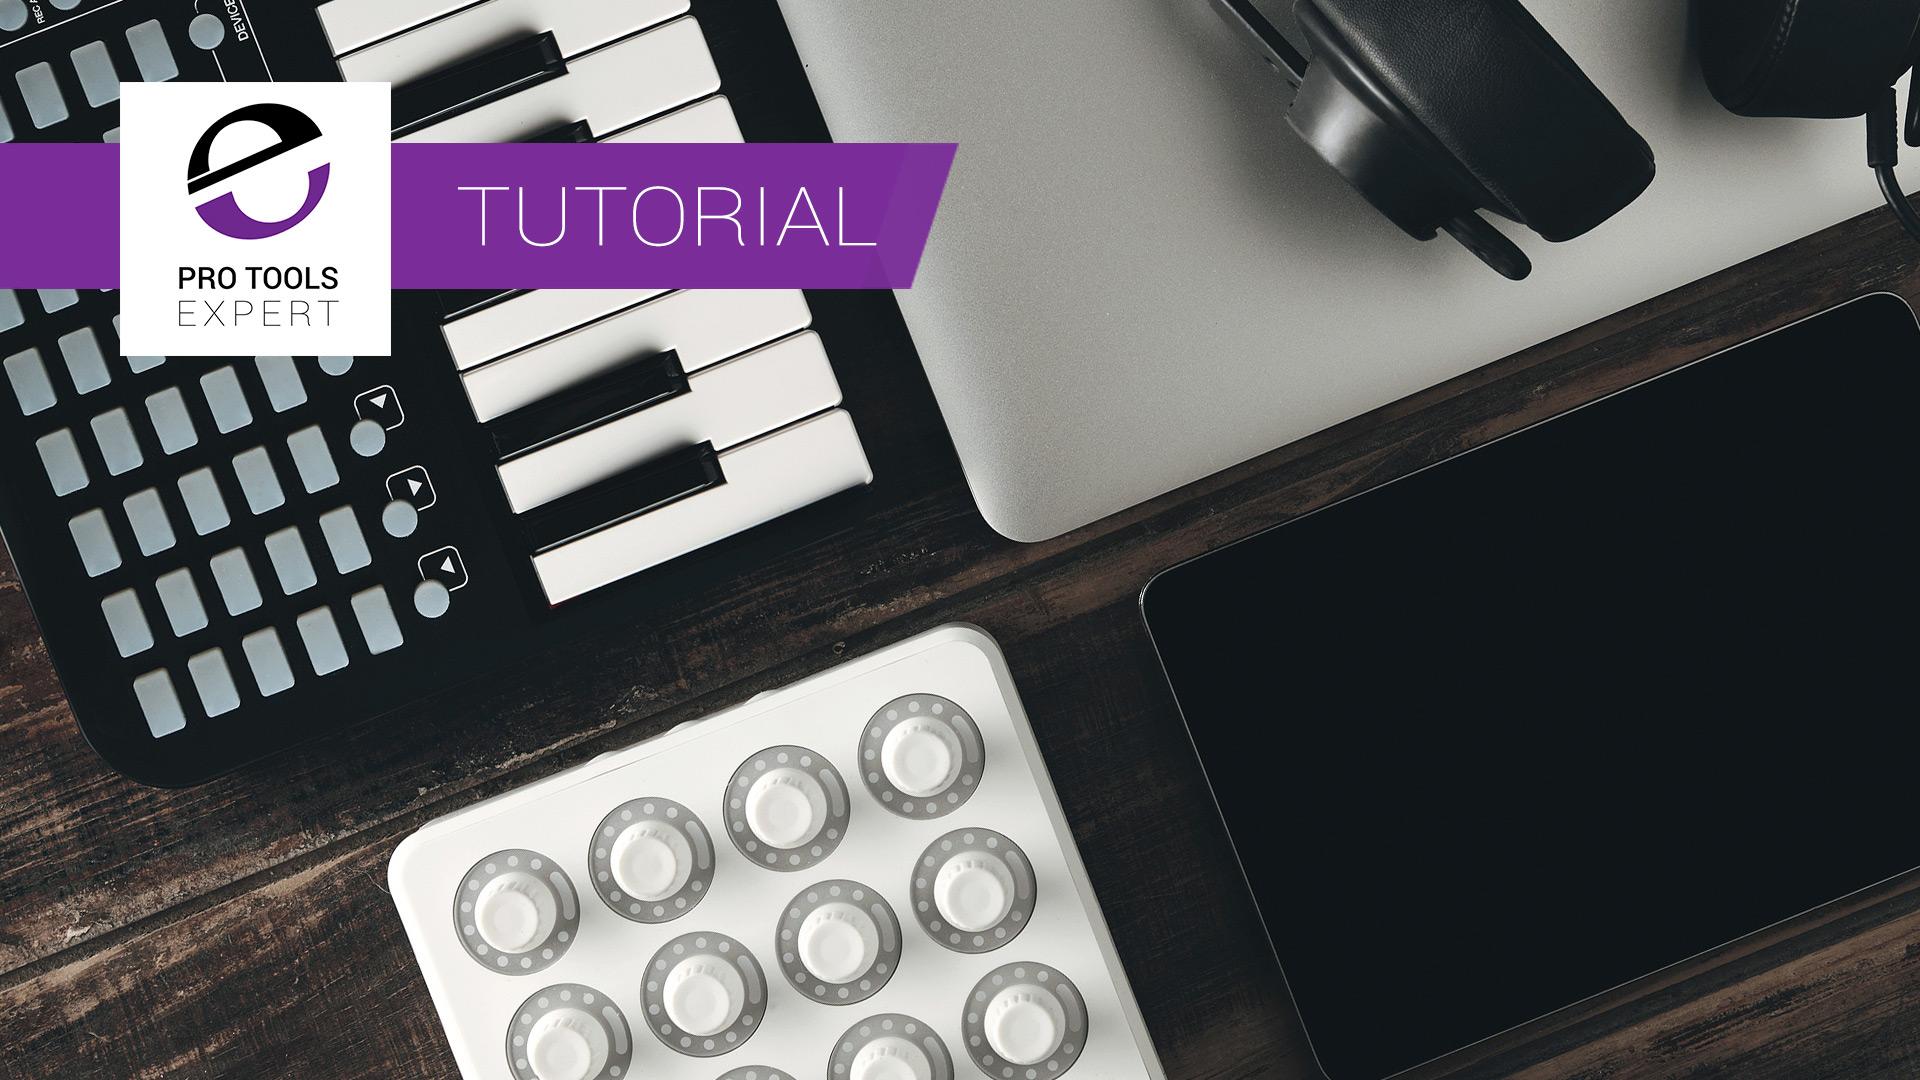 pro-tools-expert-midi-tutorial-handbook-guide.jpg